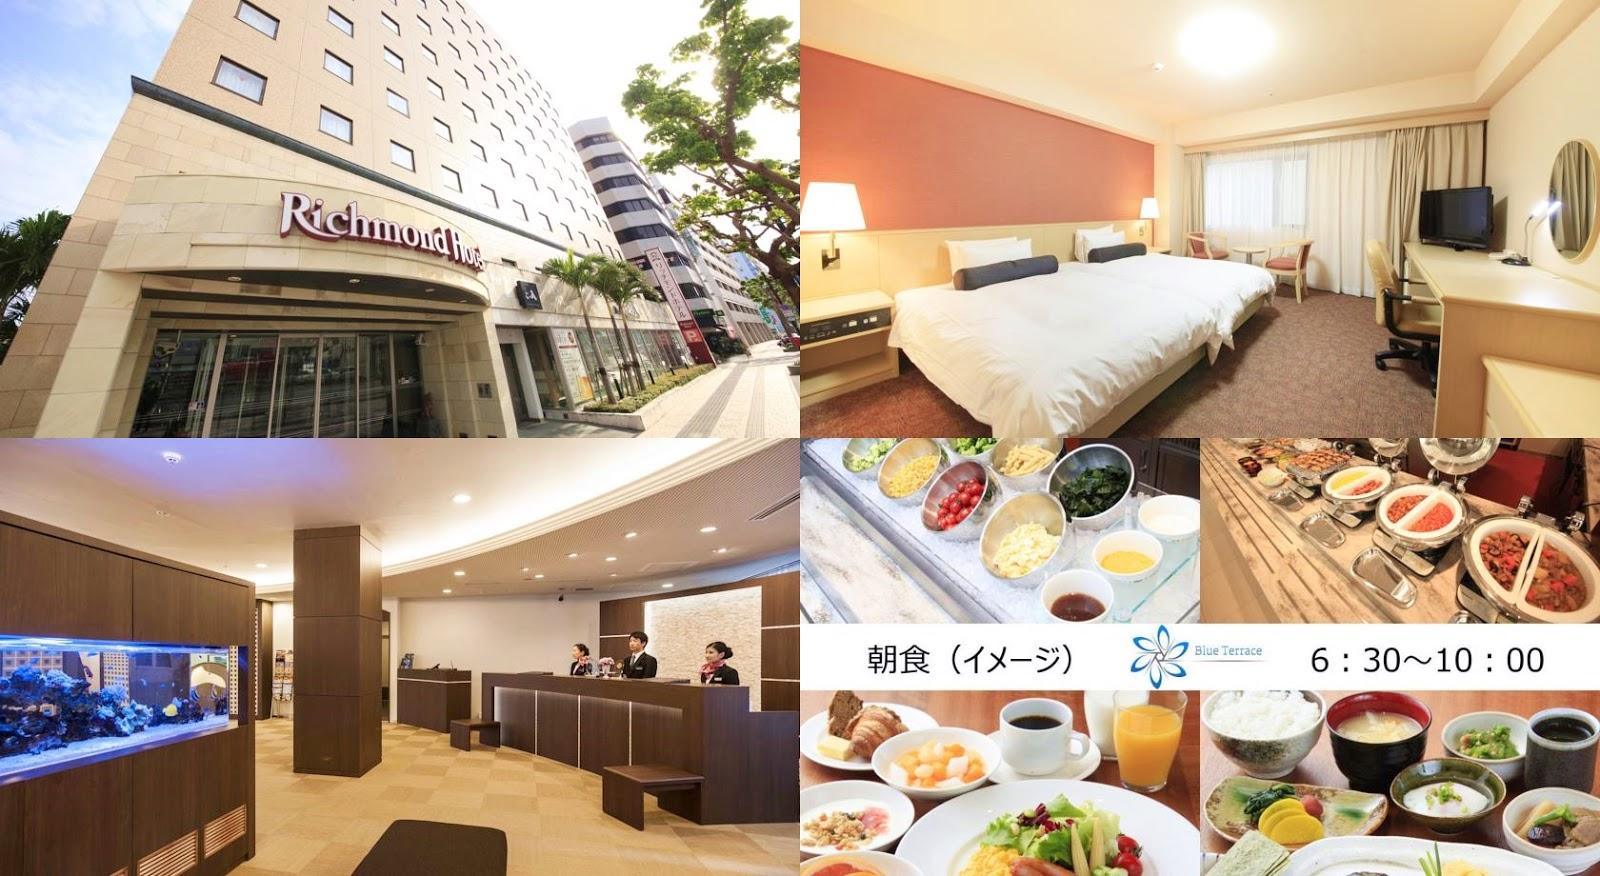 沖繩-住宿-推薦-飯店-旅館-民宿-公寓-那霸-久茂地里士滿酒店-Richmond-Hotel-Naha-Kumoji-Okinawa-hotel-recommendation